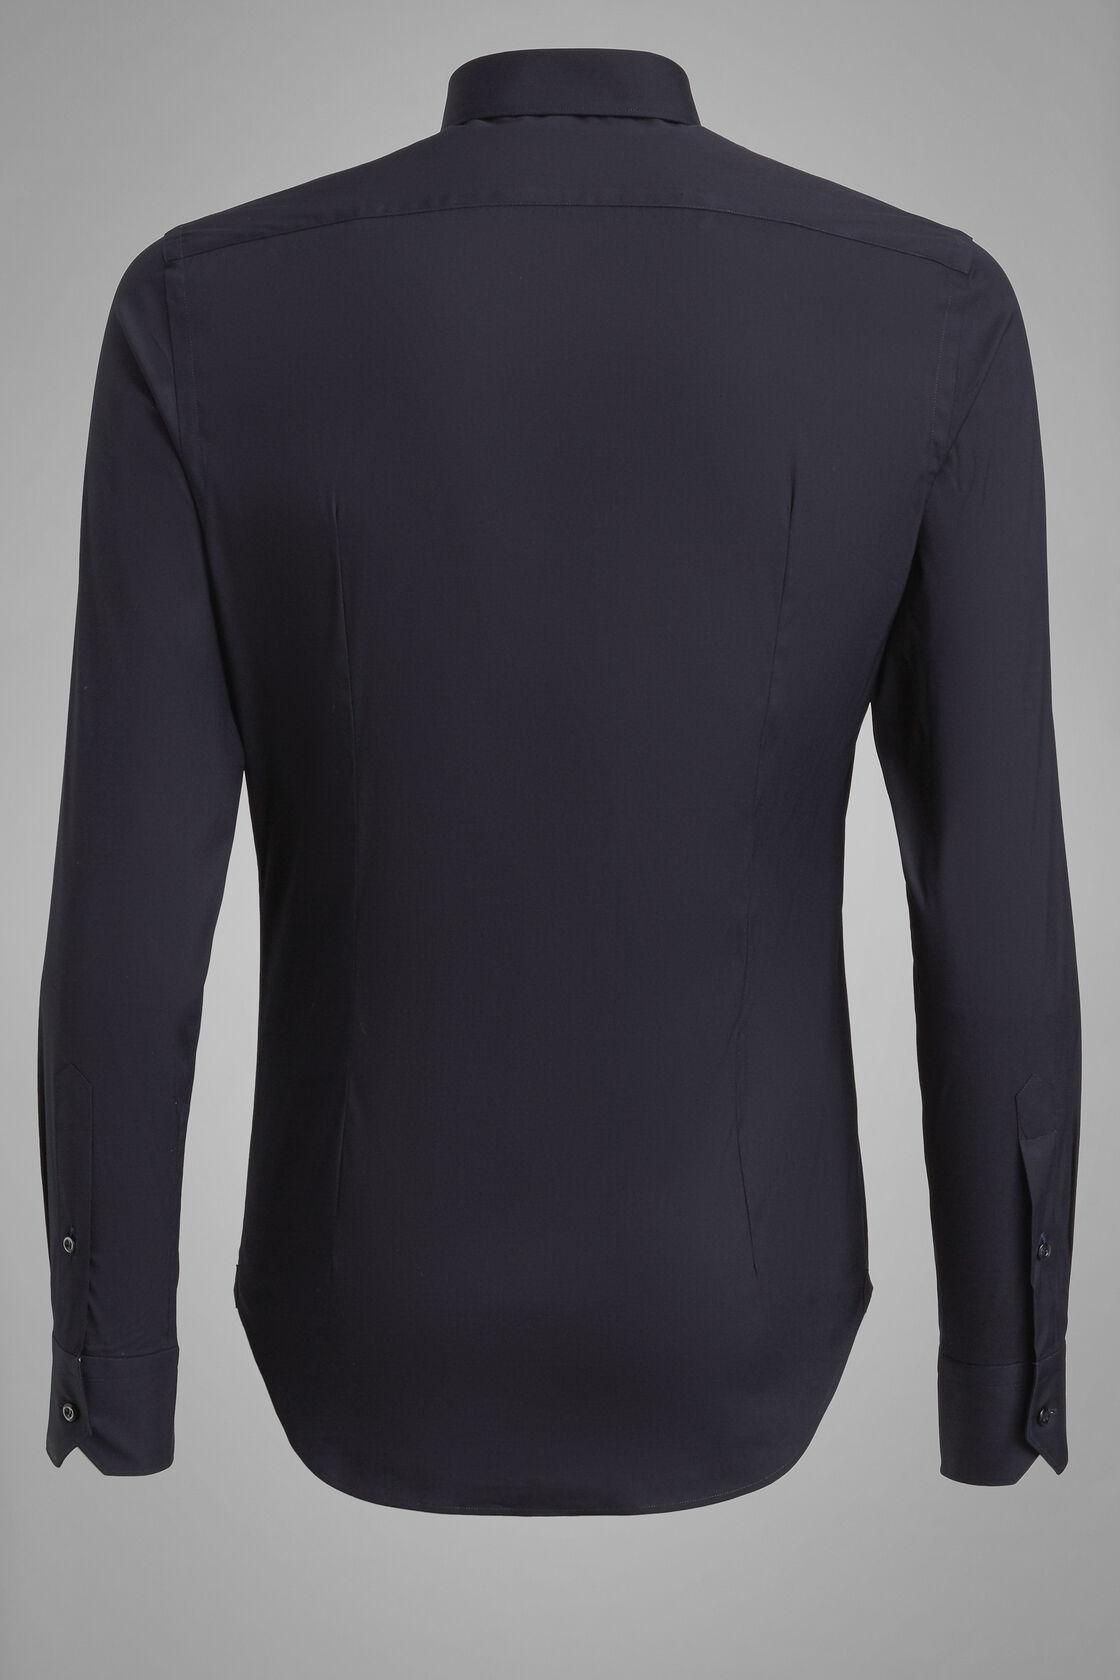 Hemd Blau Mit Tokyo-Kragen Extraslim Fit, Navy blau, hi-res